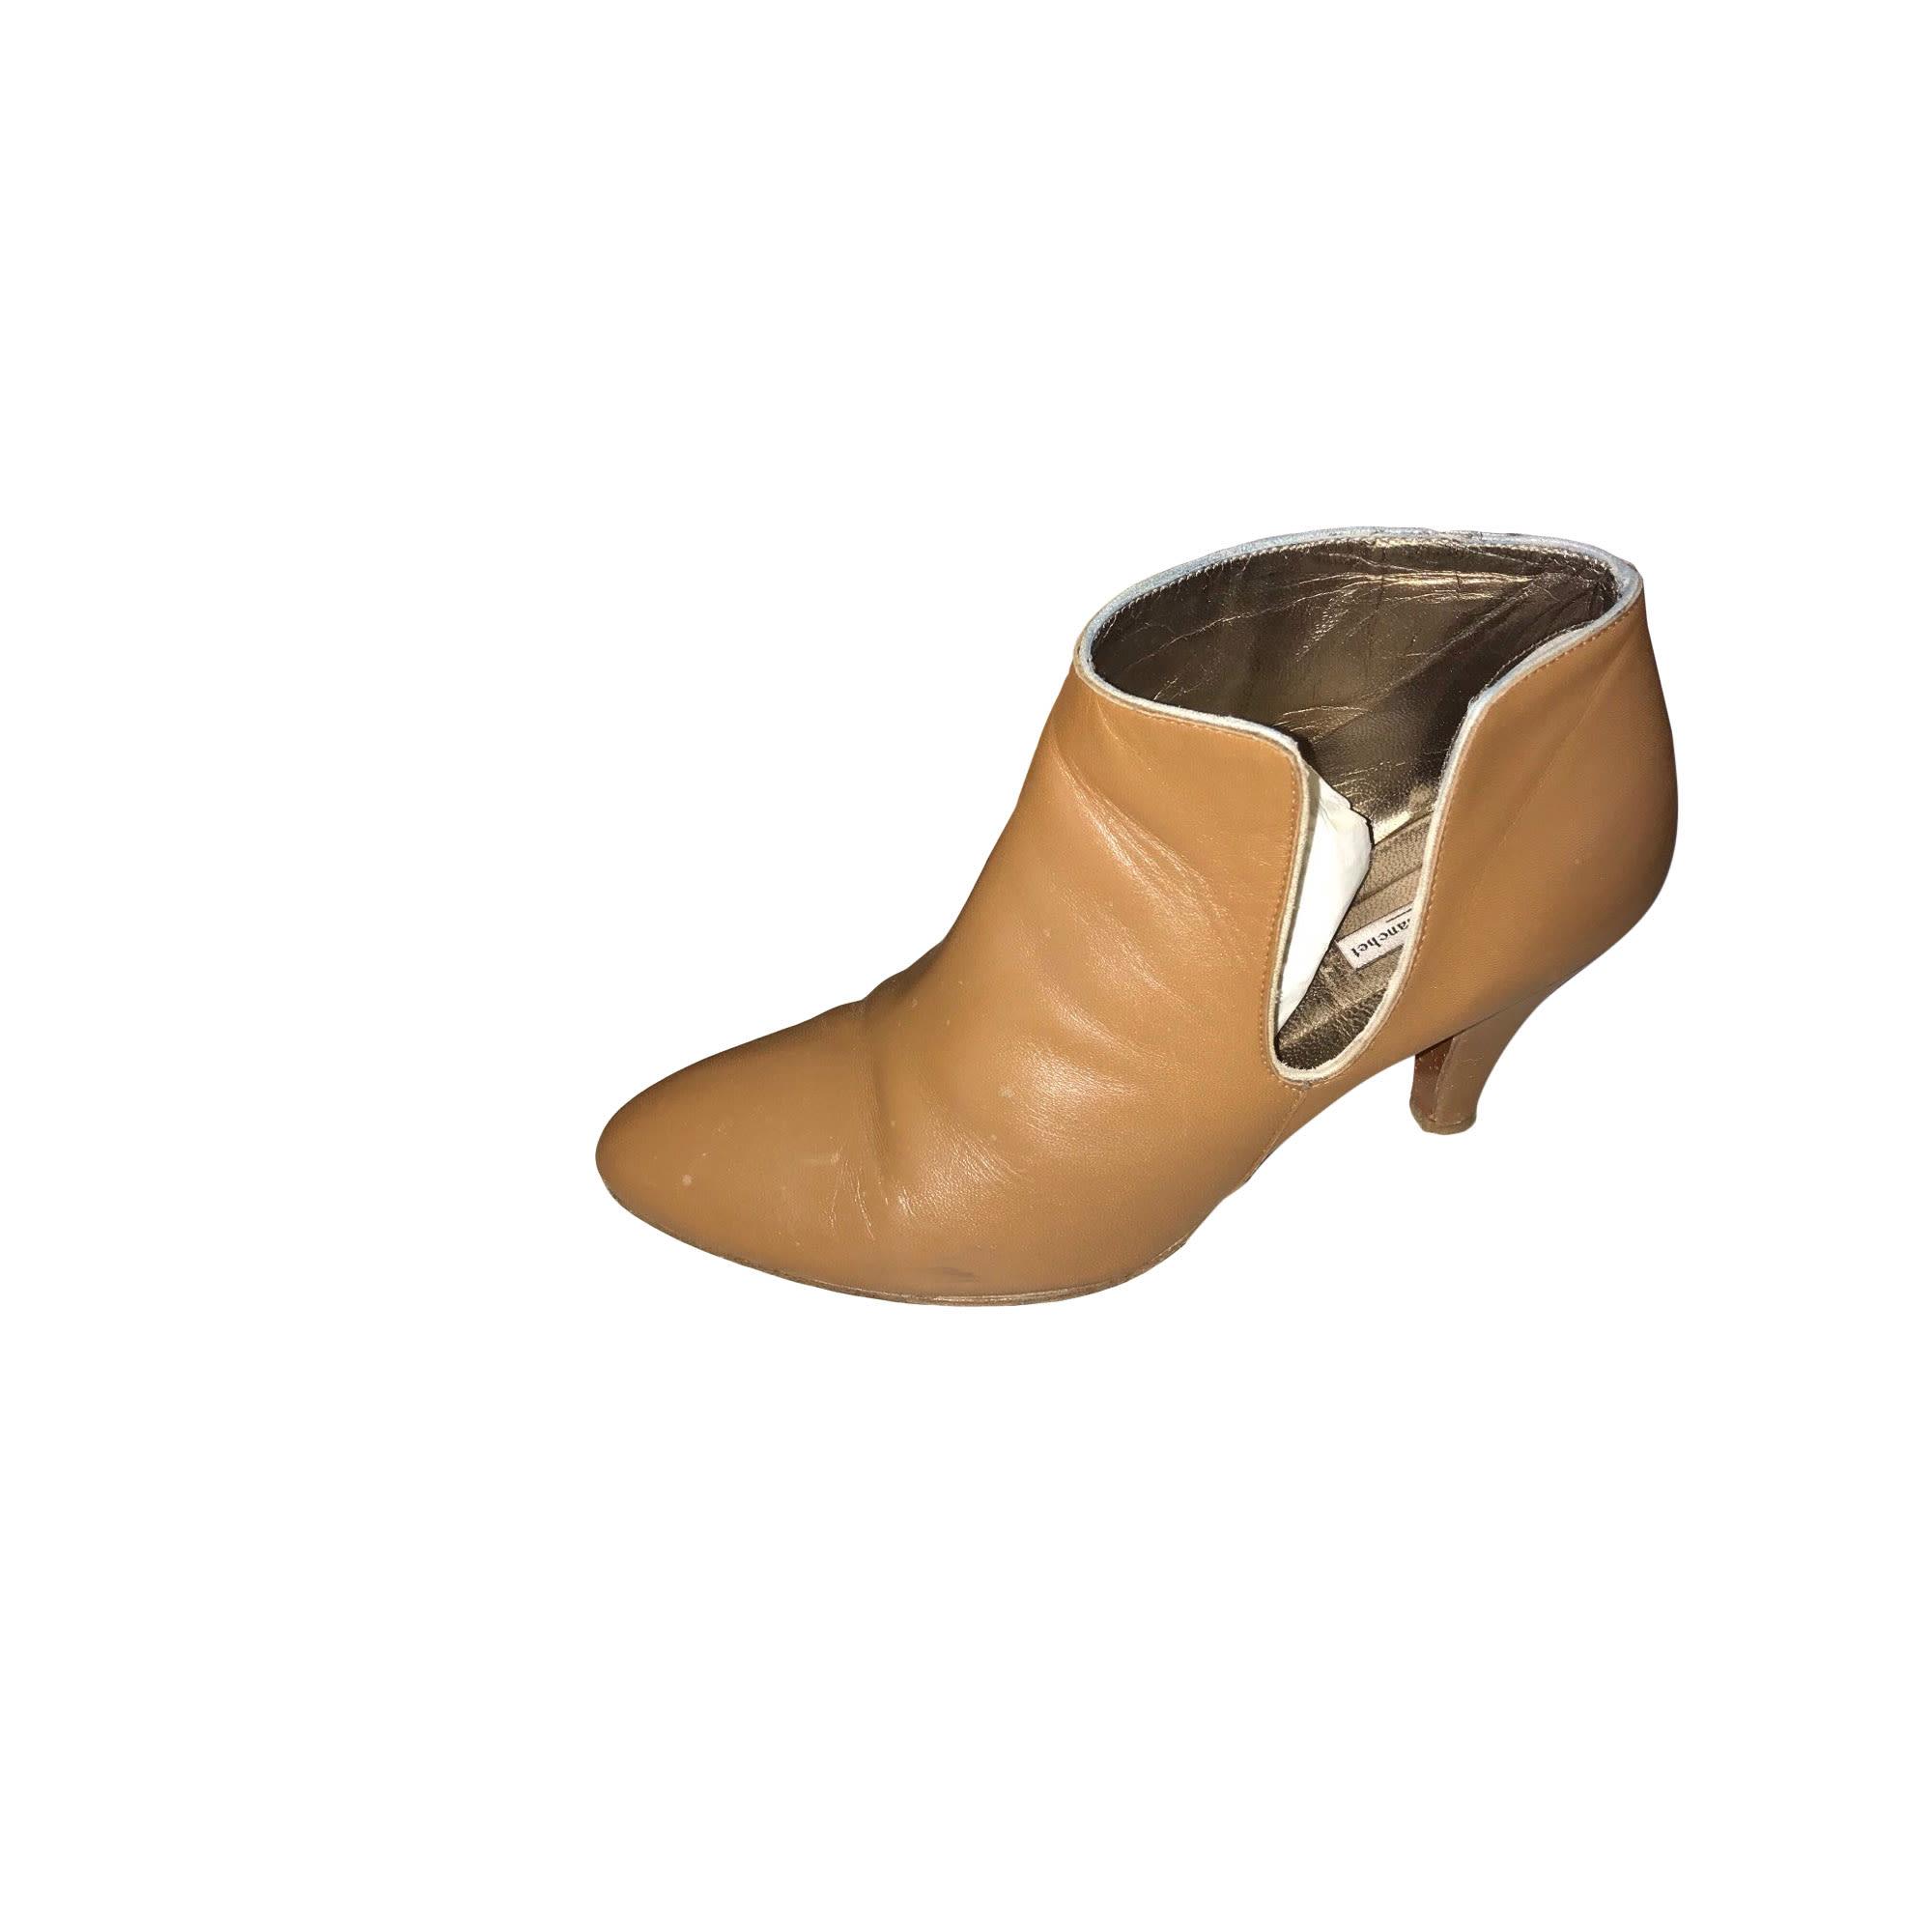 Bottines & low boots à talons PATRICIA BLANCHET Beige, camel